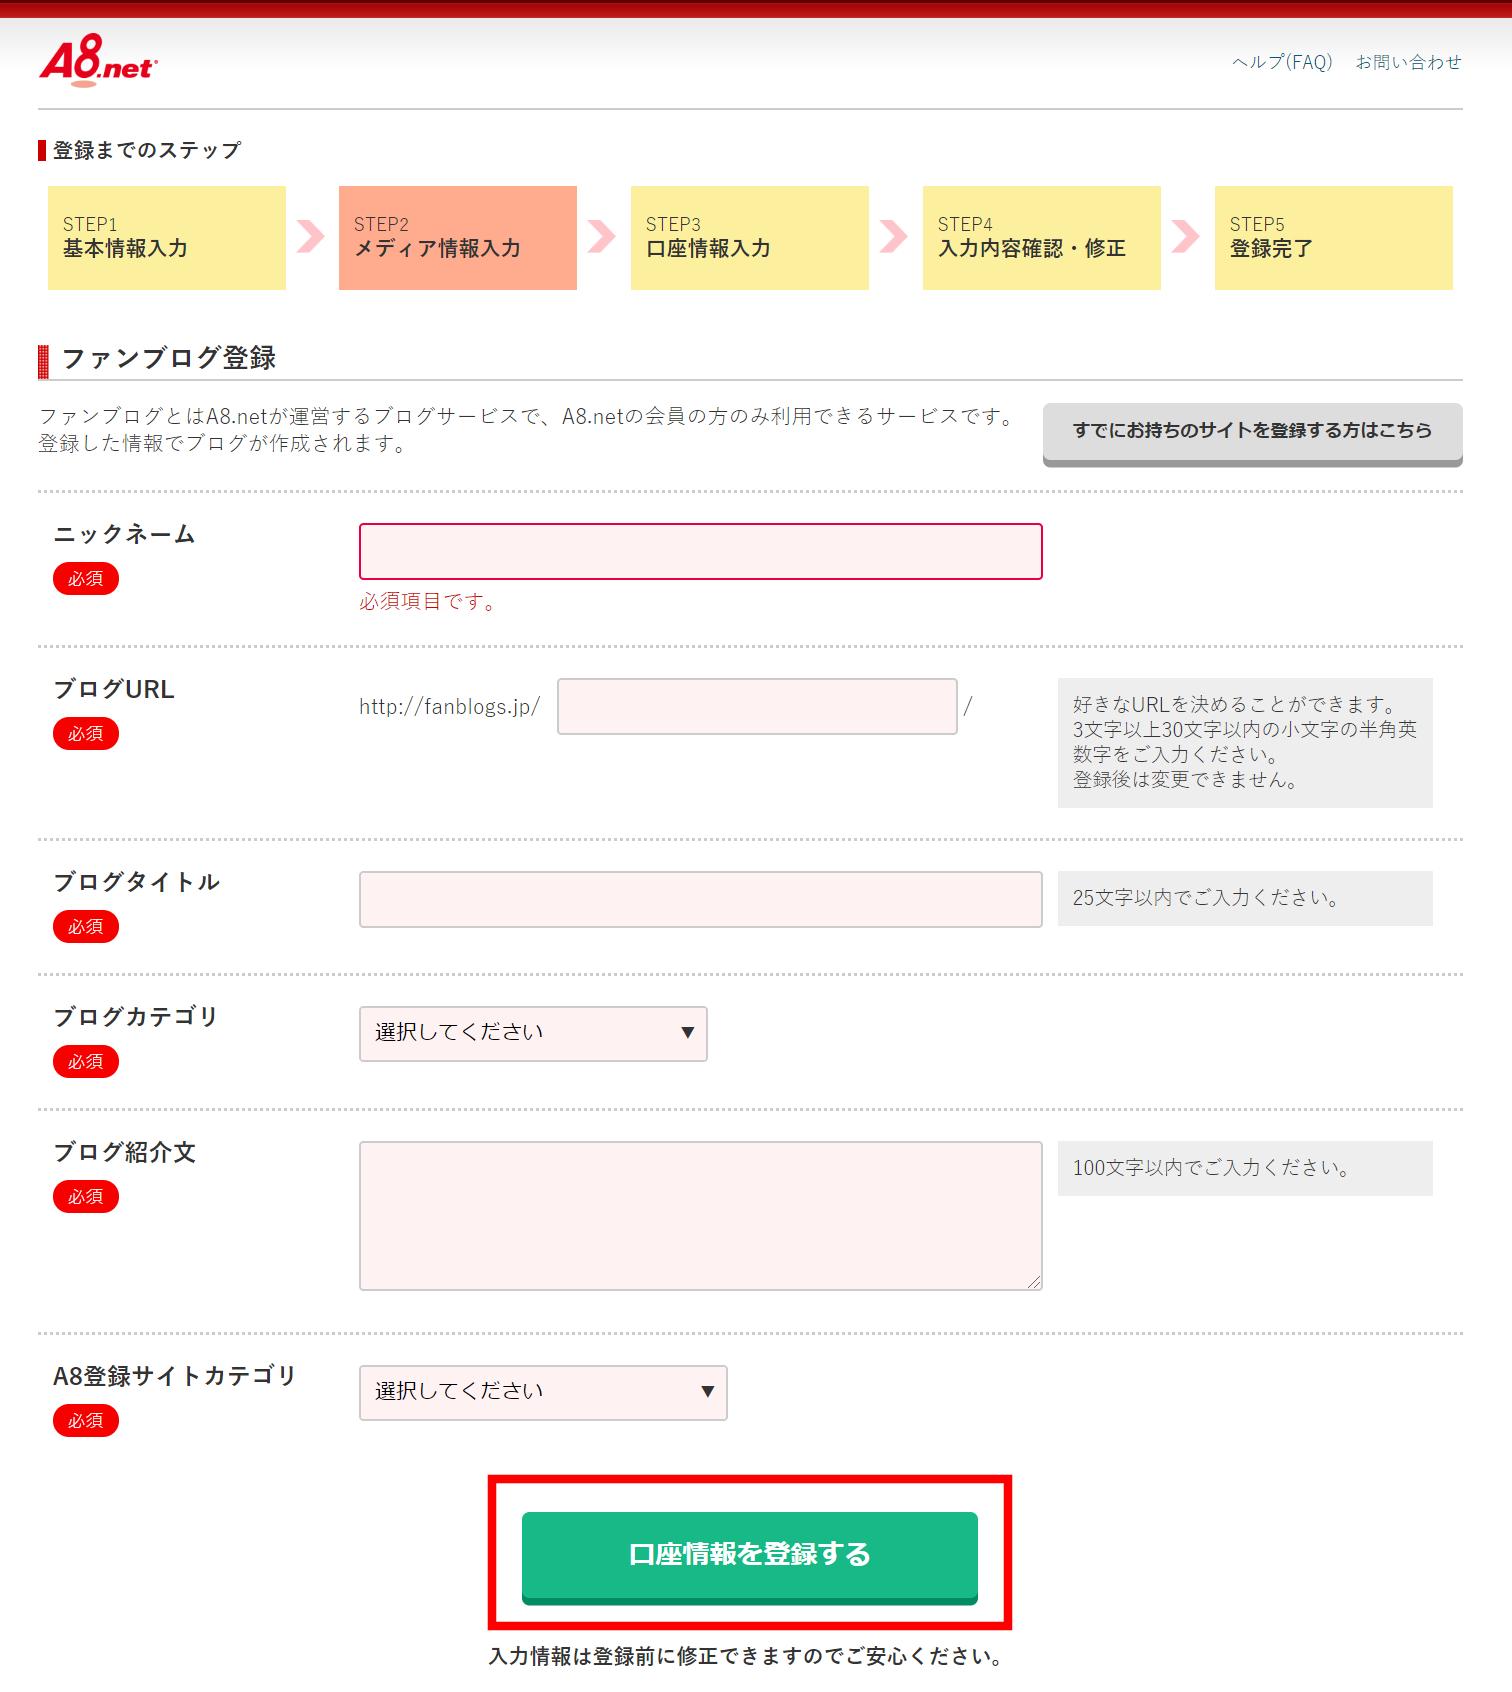 A8.net「サイトをお持ちで無い方」の登録内容